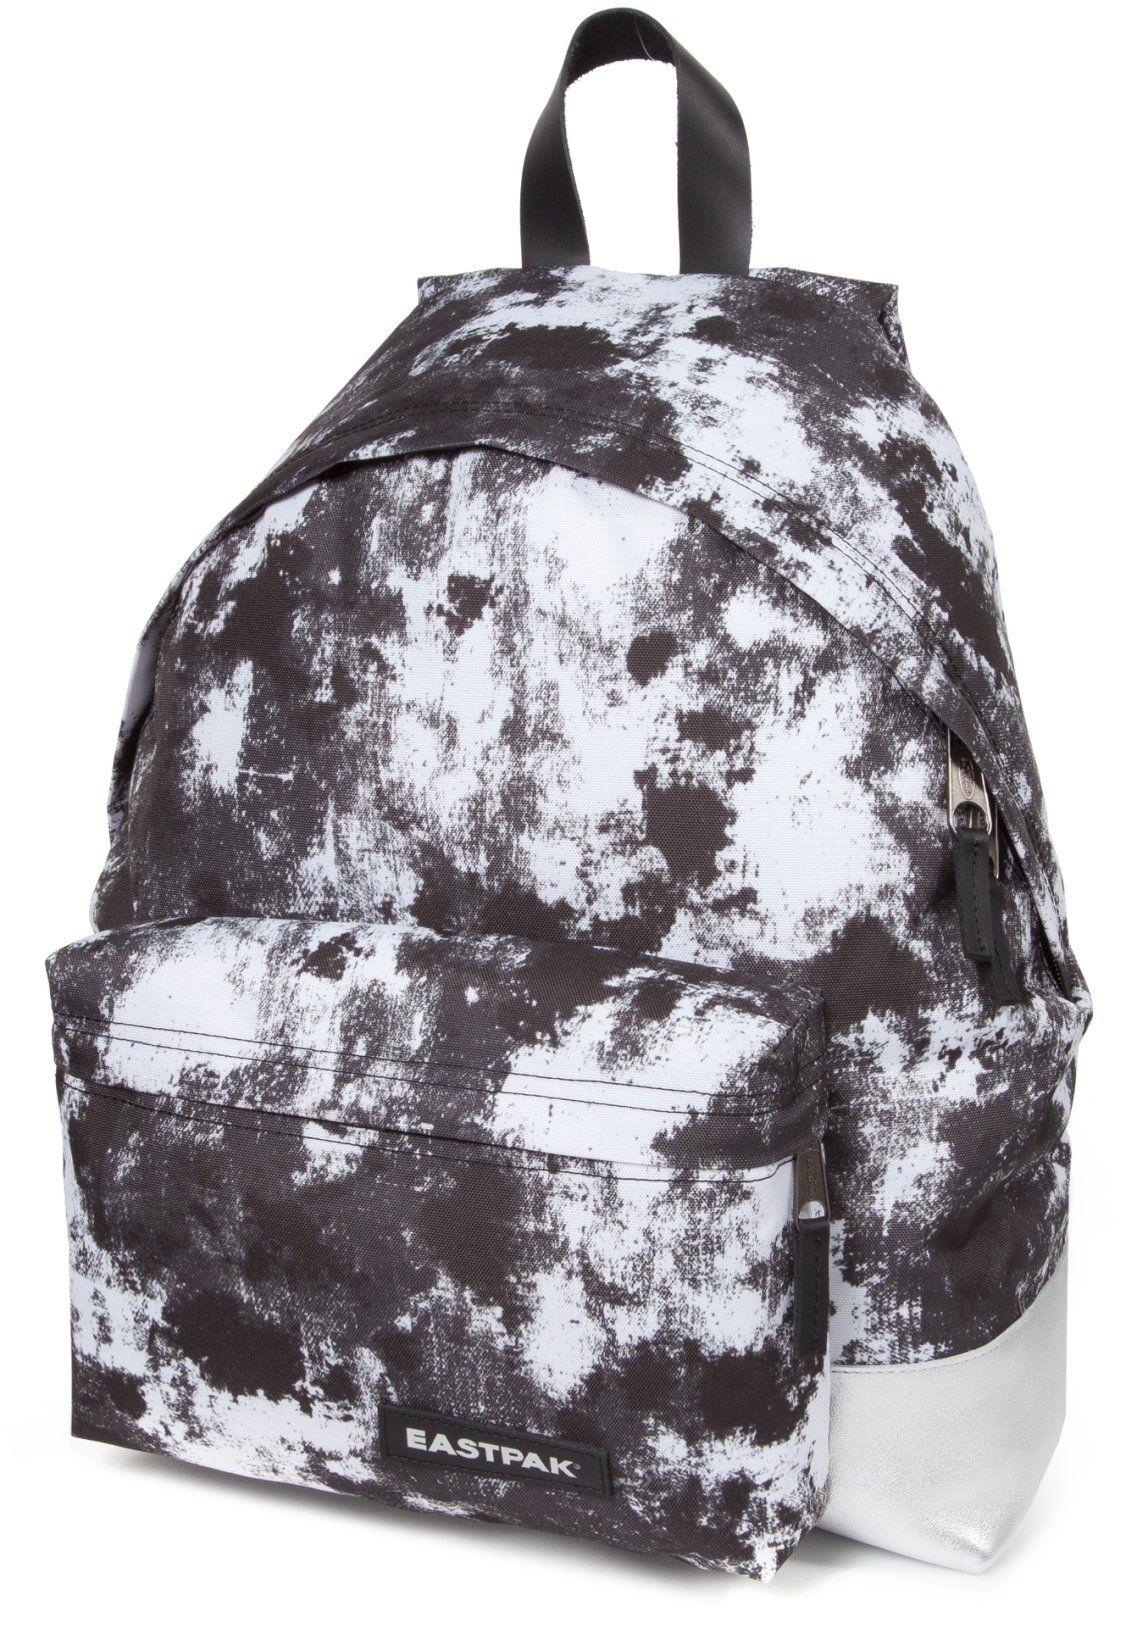 Afficher l image d origine   sac   Pinterest   Backpacks and Bag 411289ee3852